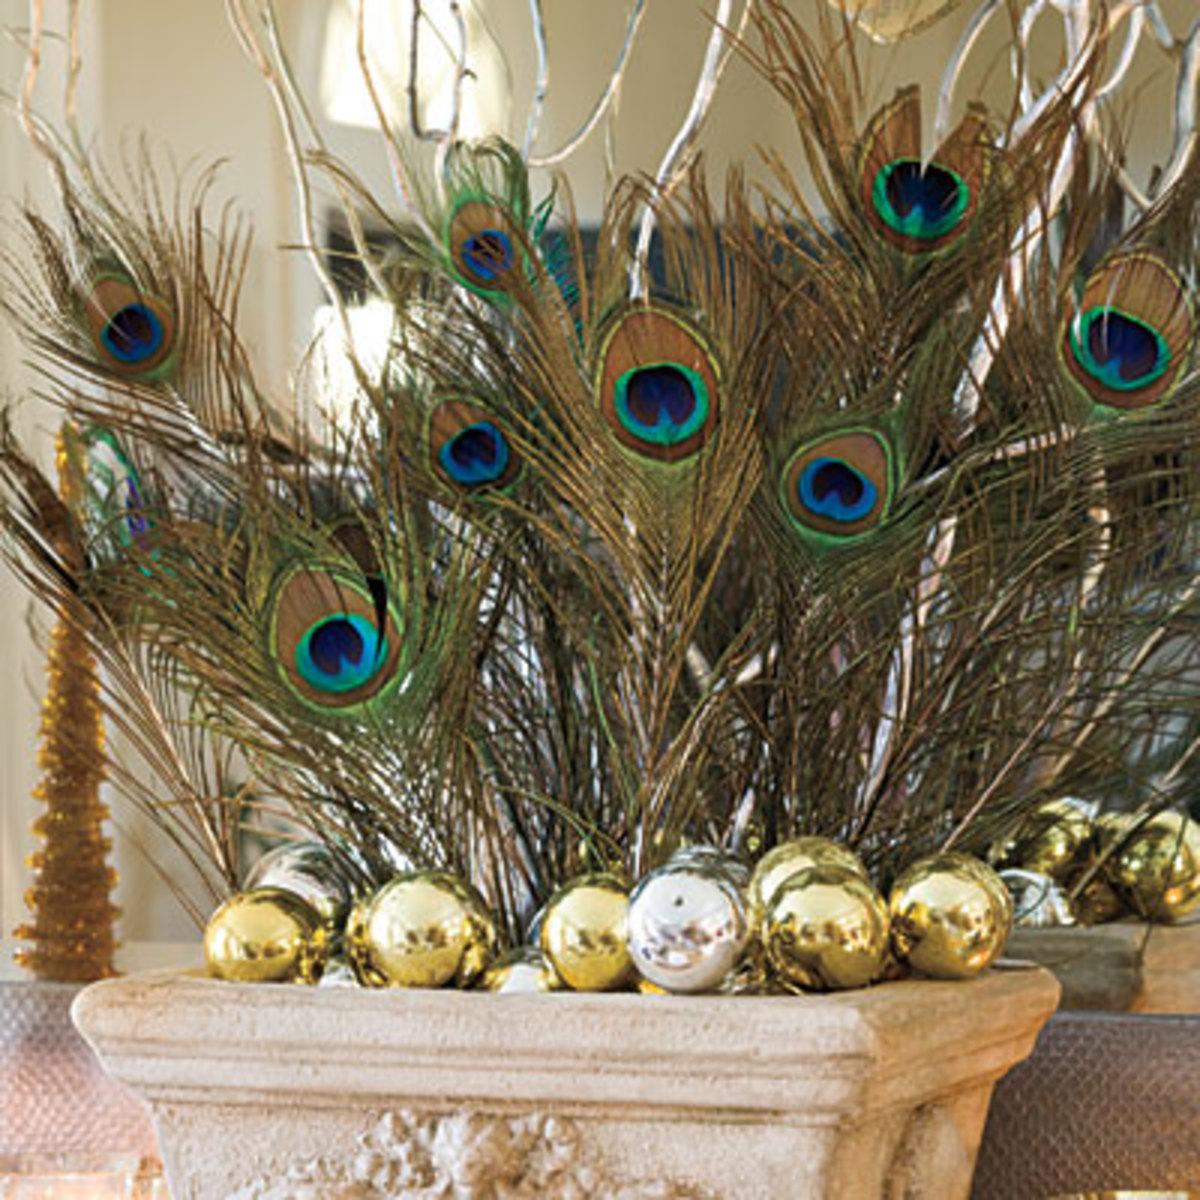 Peacock Feather Decor